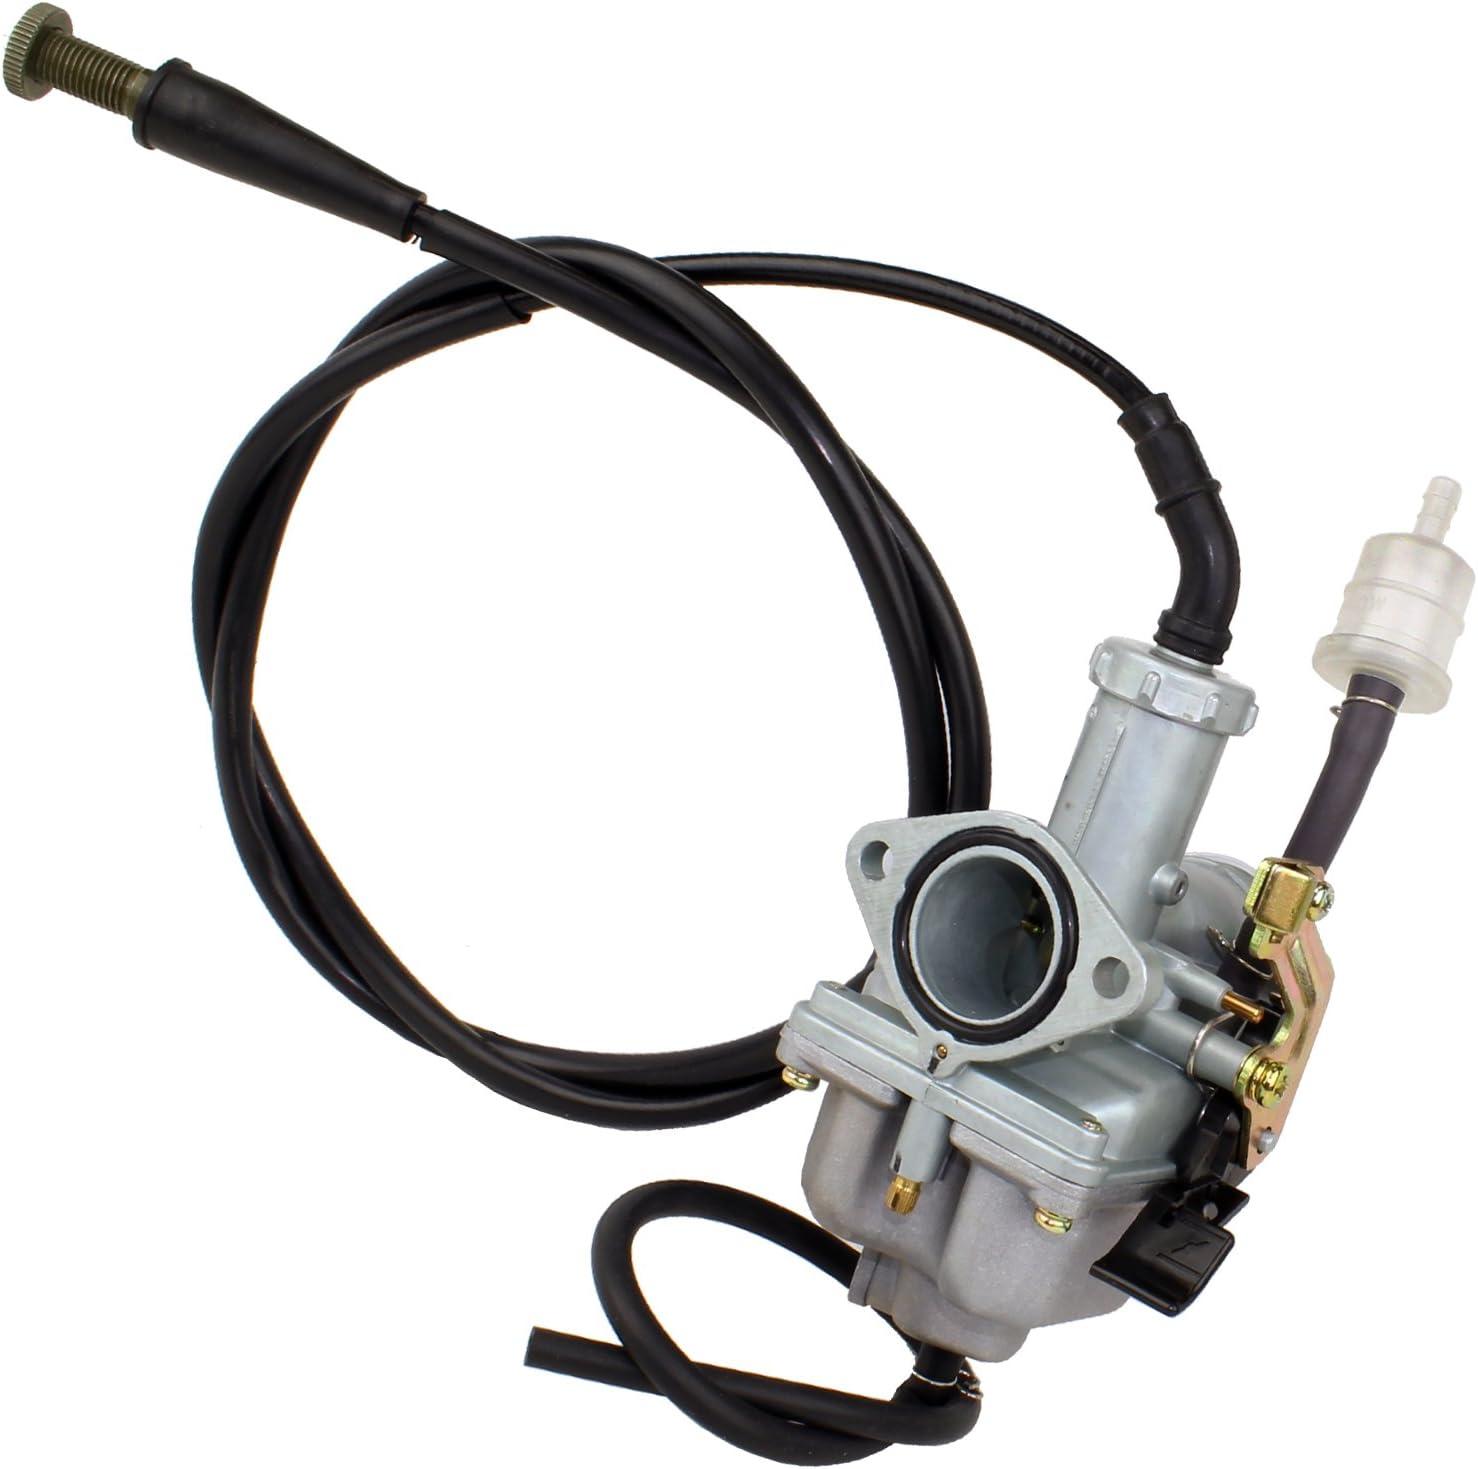 FIT Honda TRX250 TRX250EX Carburetor Carb Rebuild Repair Kit 2001-2005 US FAST